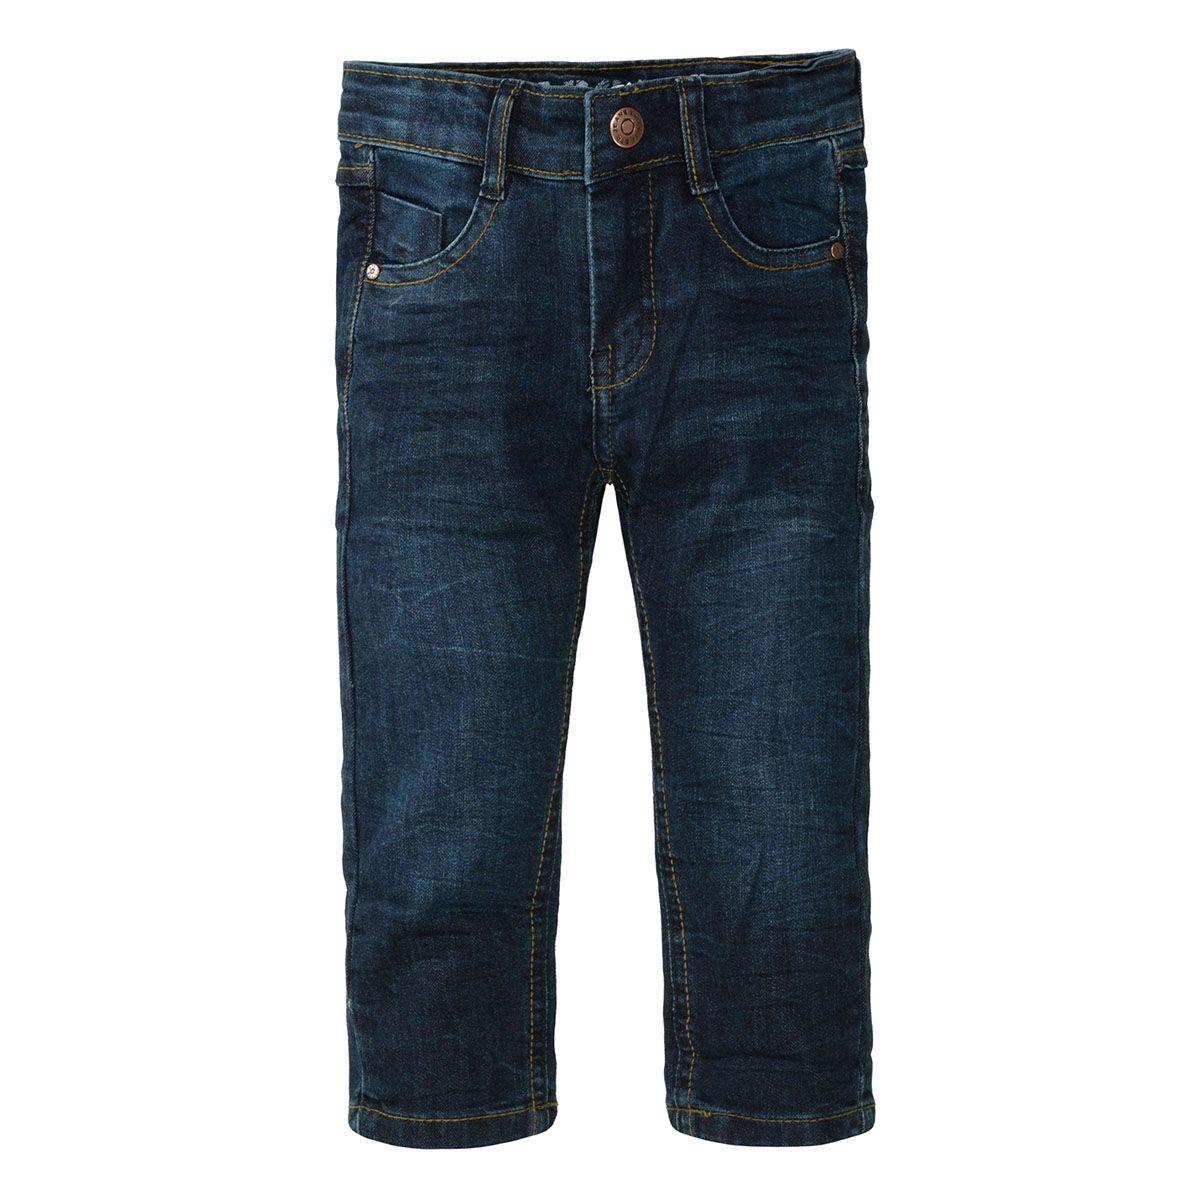 Jeans Regular Fit - NILS - Blue Denim